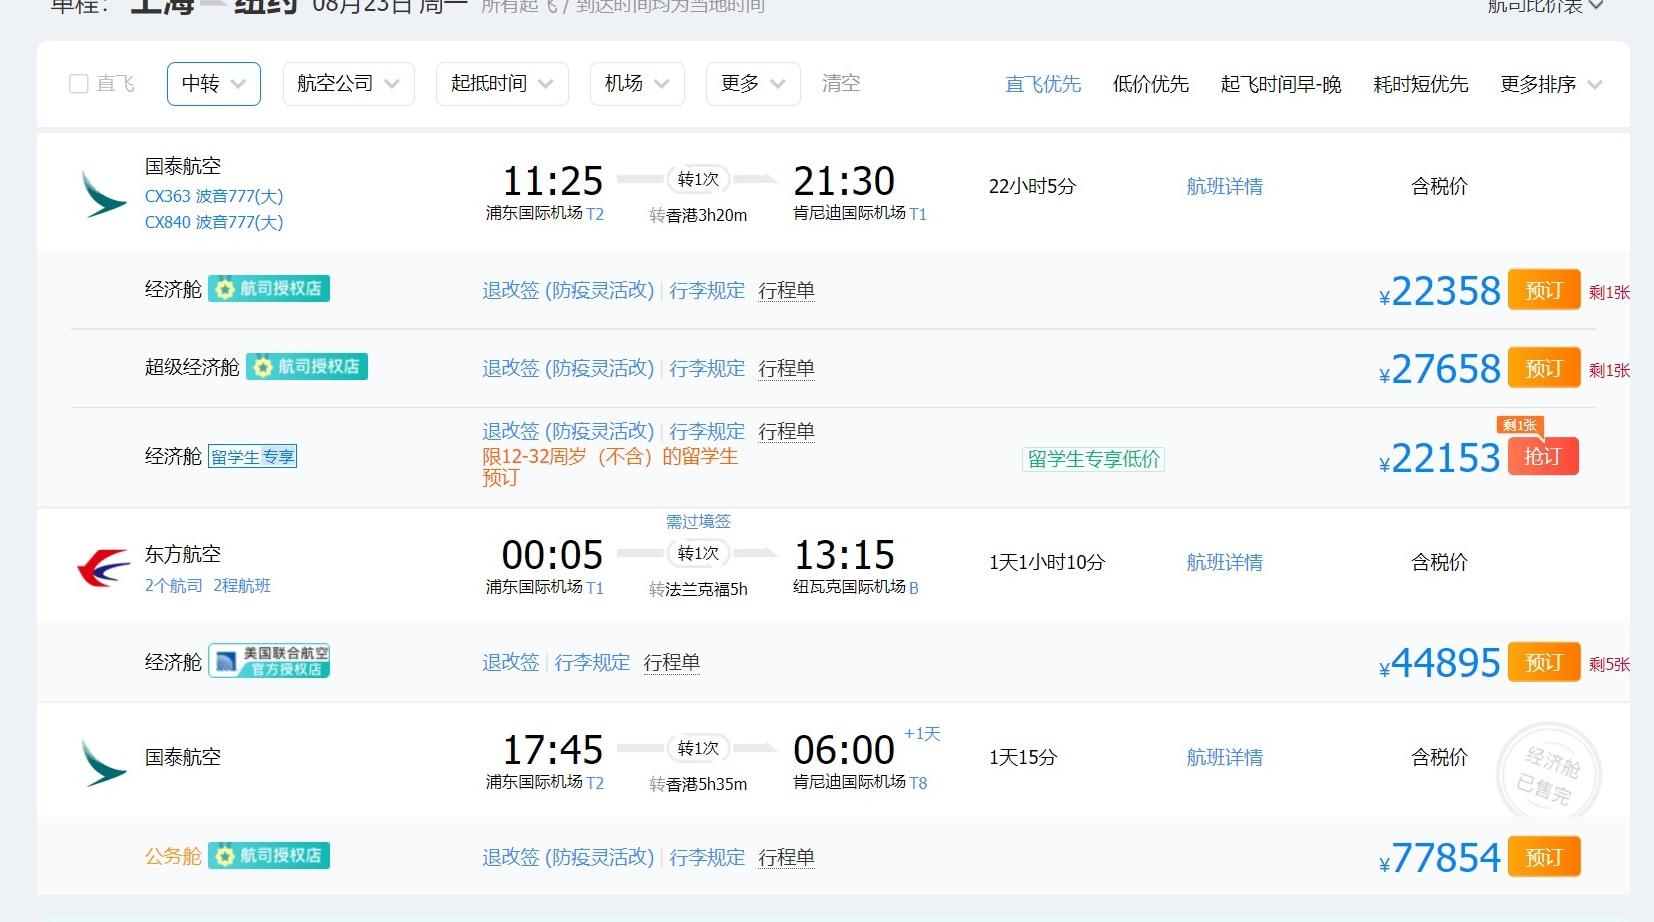 不顾疫情和高价机票,6万名留学生上海浦东机场排队赴美留学引发热议插图1-小狮座俄罗斯留学